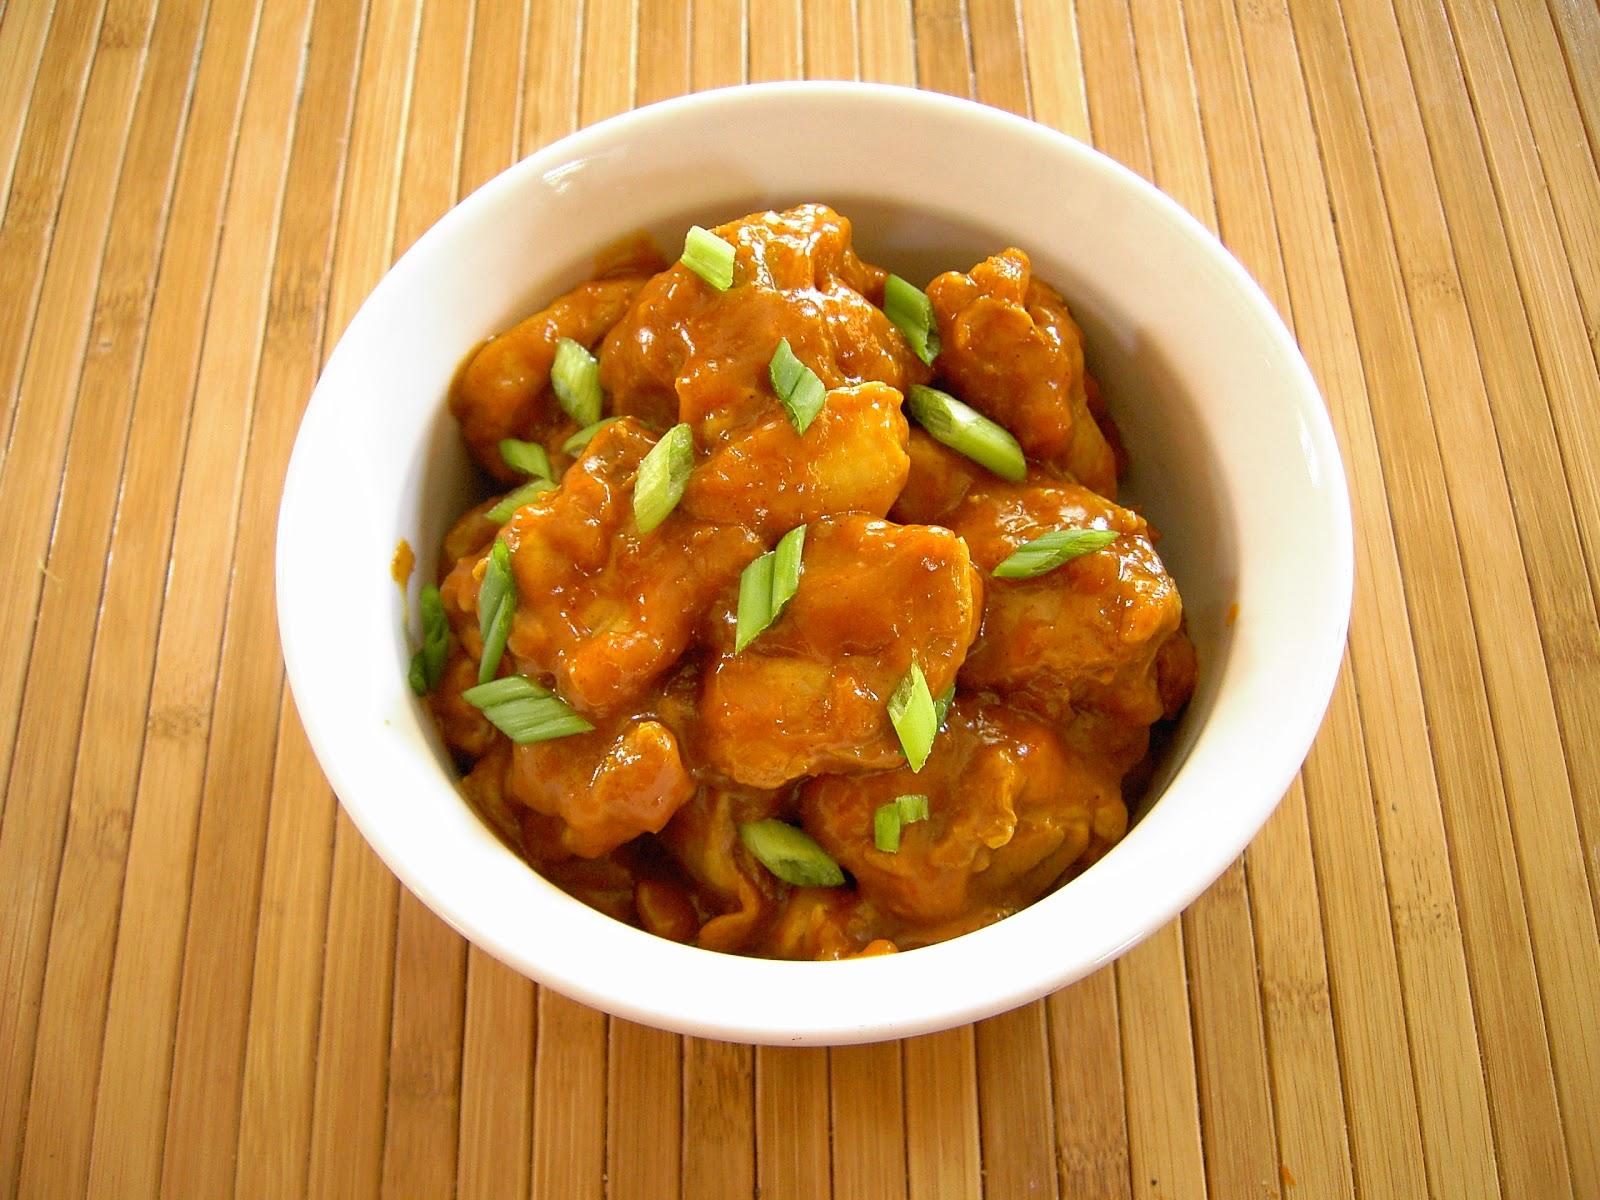 orange chicken ingredients marinate 1 lb boneless skinless chicken ...